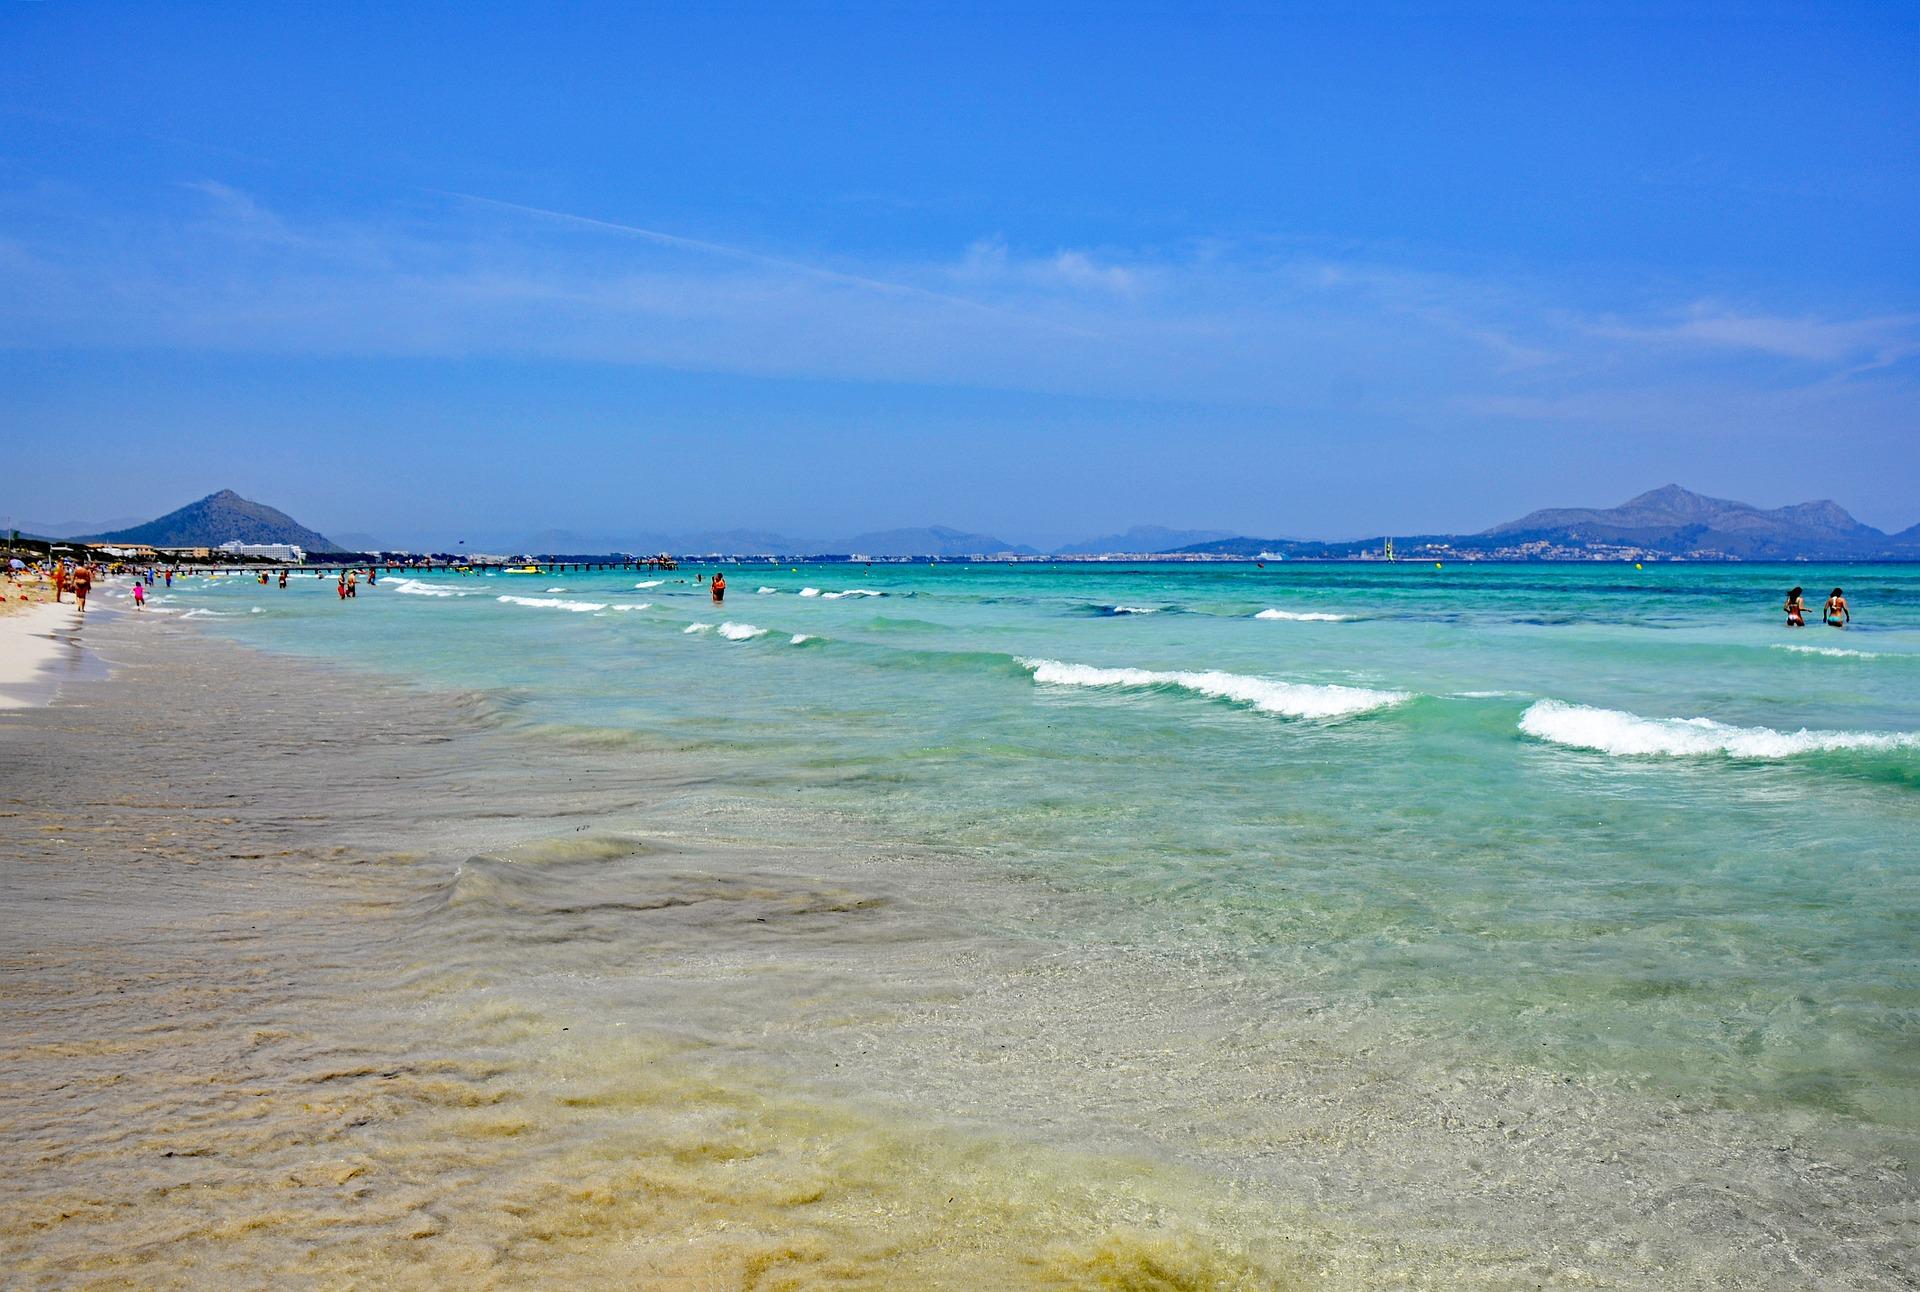 Playa de Muro der schonste Strand auf Mallorca